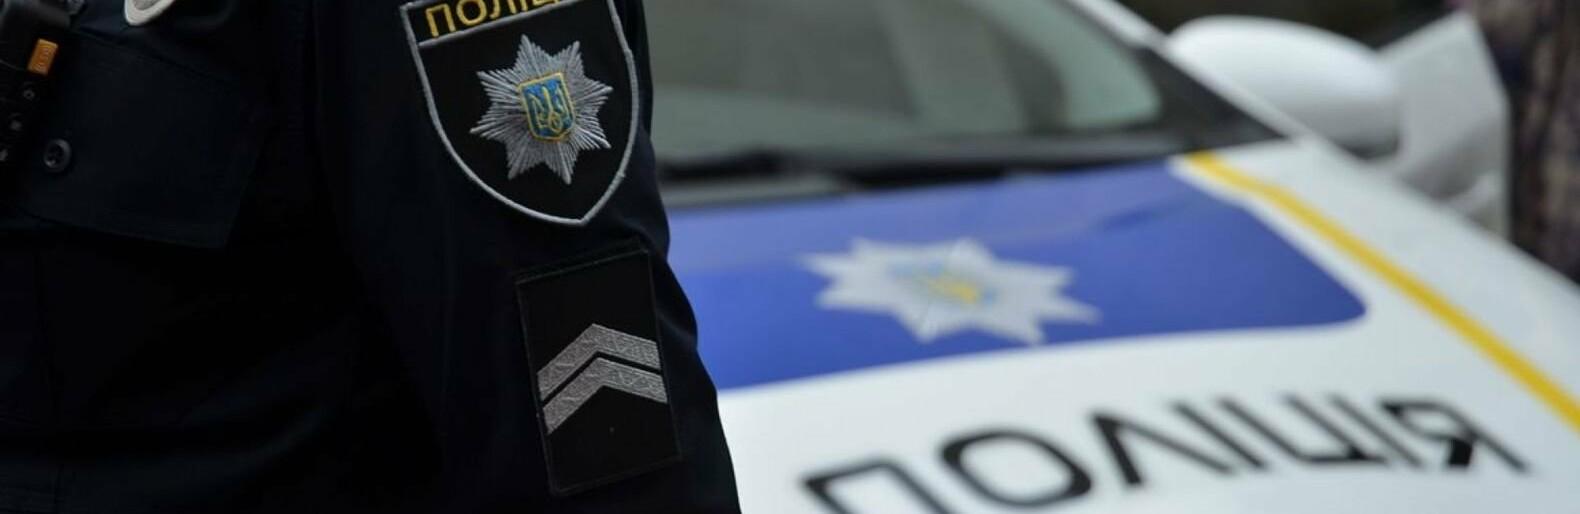 В Одессе пьяный водитель пытался дать взятку полицейским, - ФОТО0